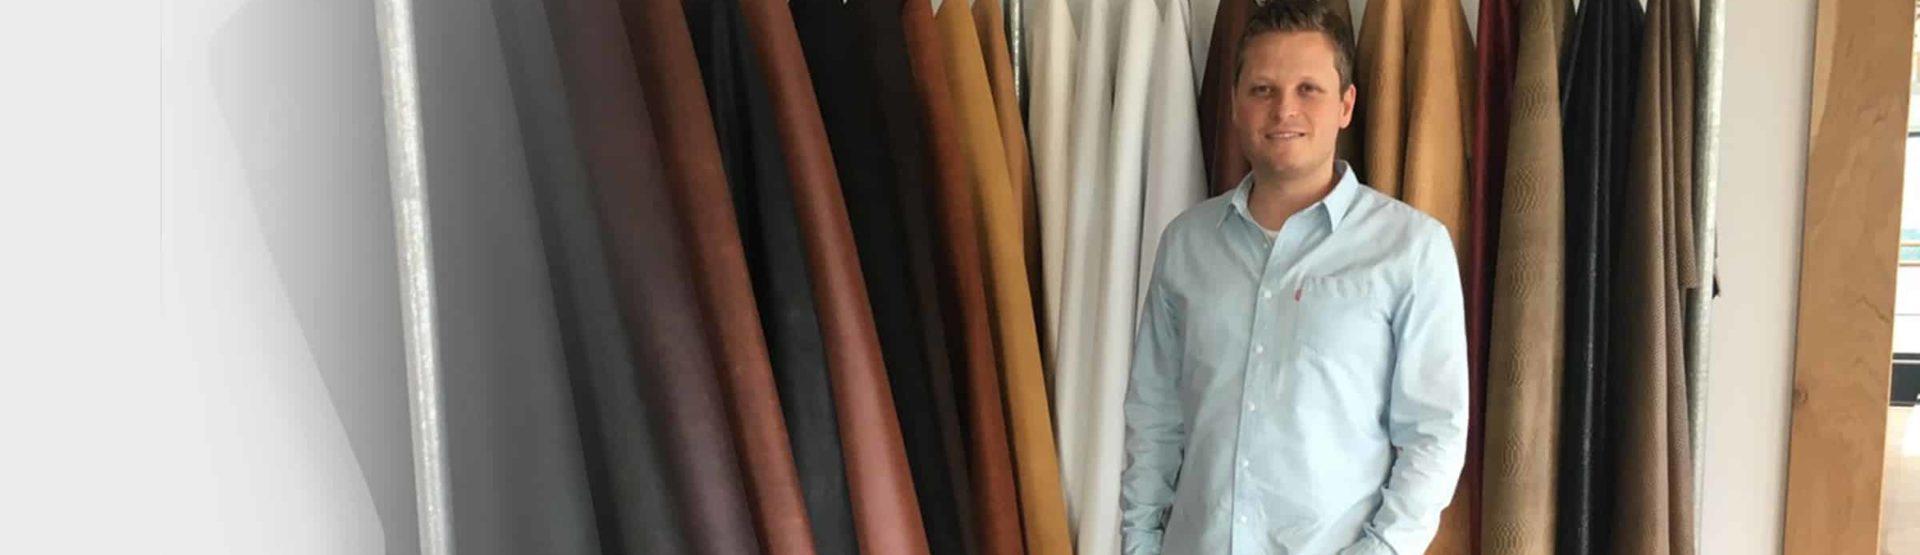 'We proberen zo open mogelijk te zijn' | JRW Leather staat voor transparant handelen